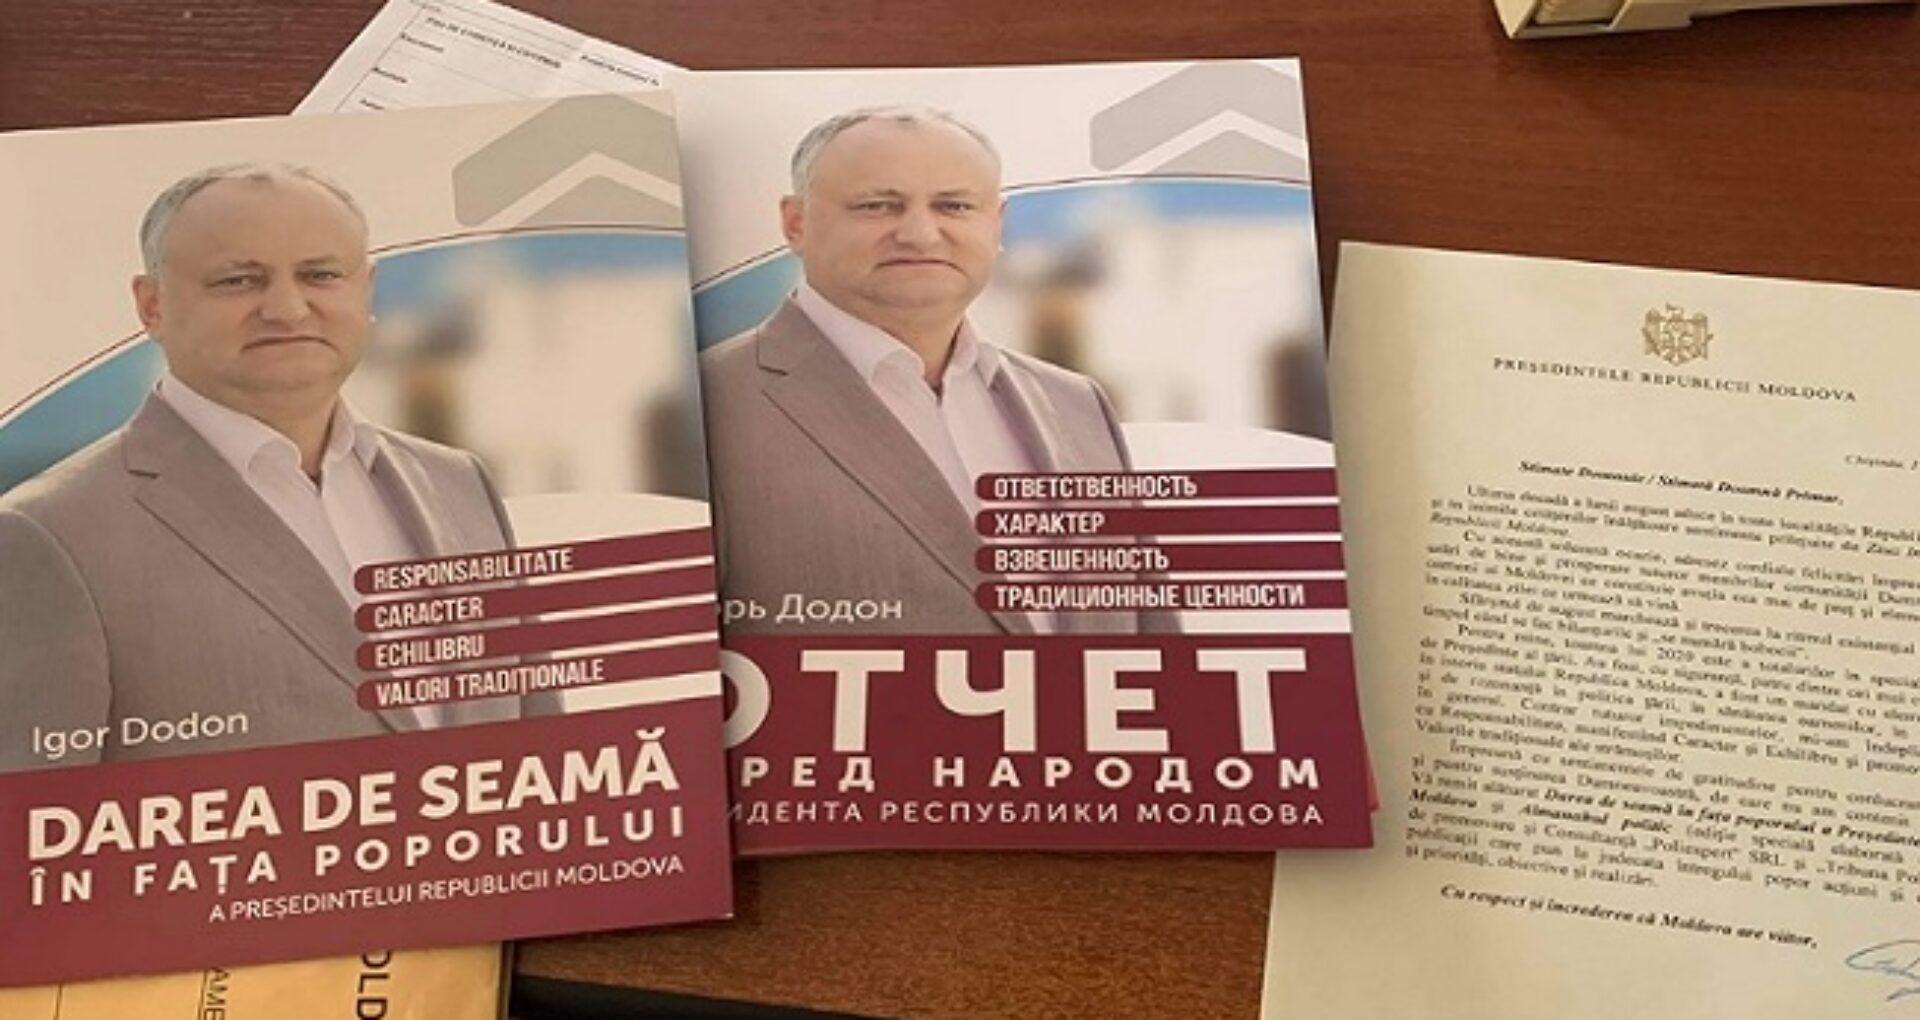 Suma cheltuită din buget pentru raportul de activitate al președintelui sub formă de broșură, distribuit tuturor primarilor din R. Moldova. Președinția a venit cu precizări